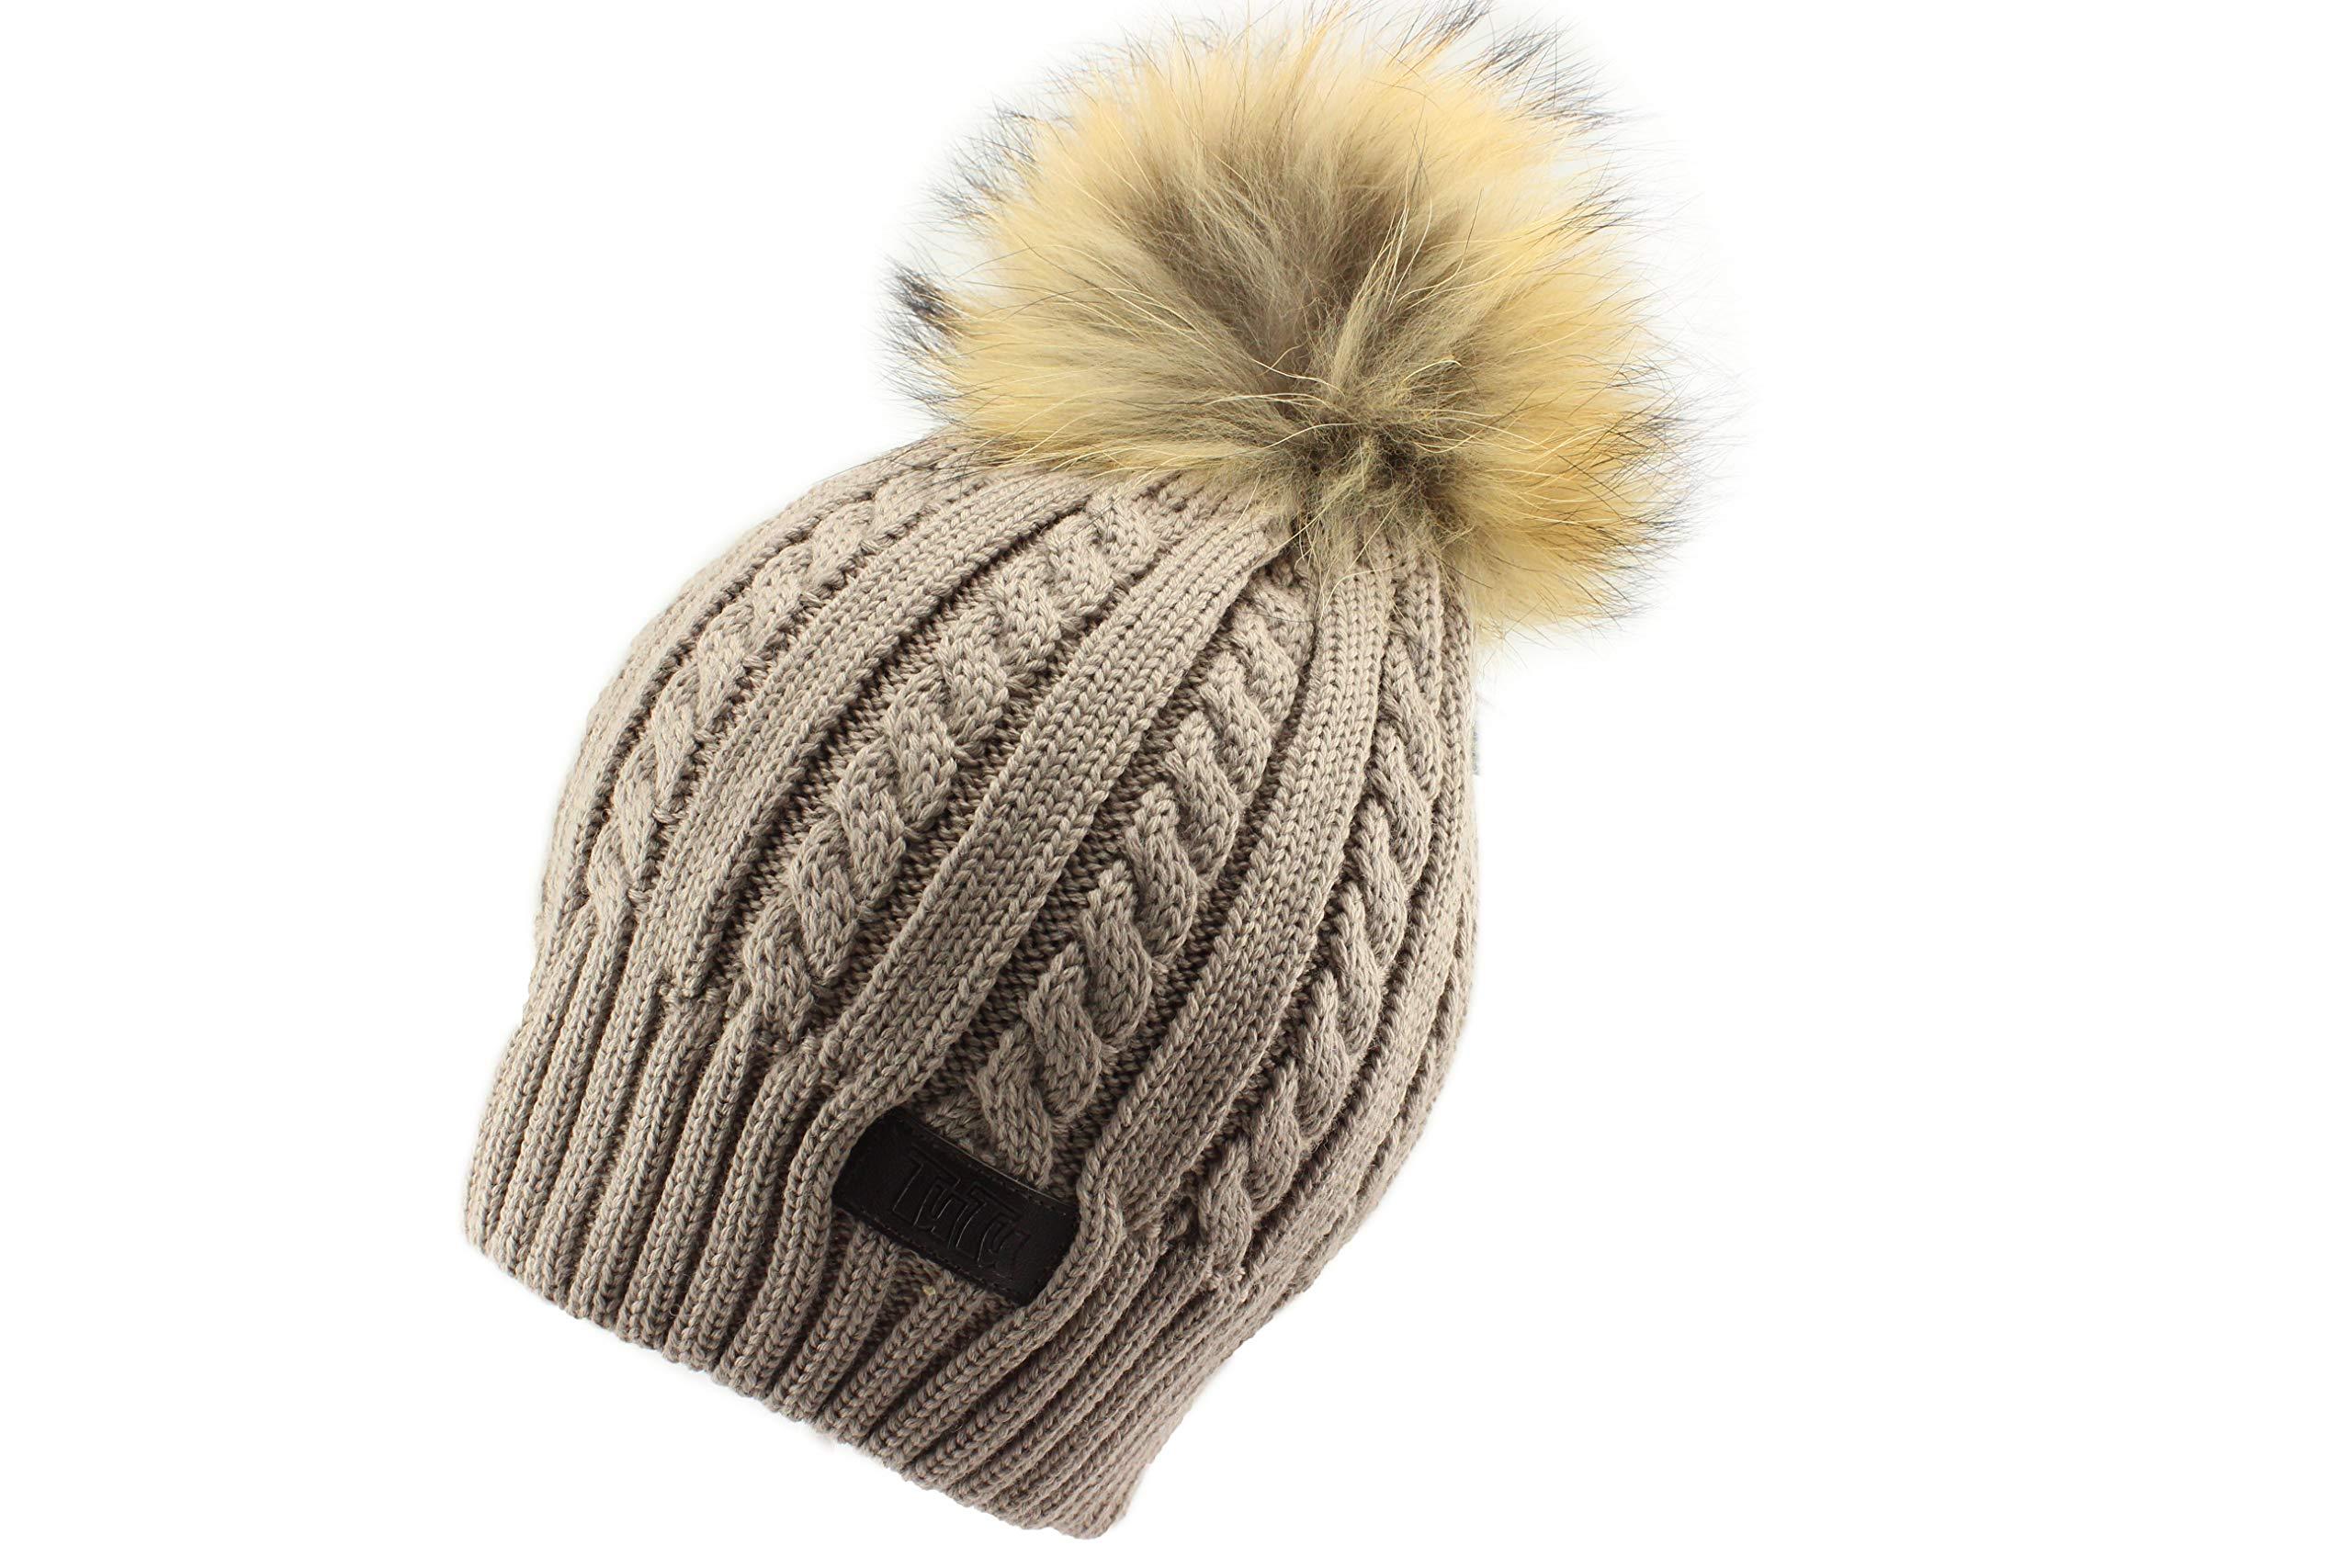 Tutu Boys Warm Winter Pom Pom Beanie Hat (3-003913)